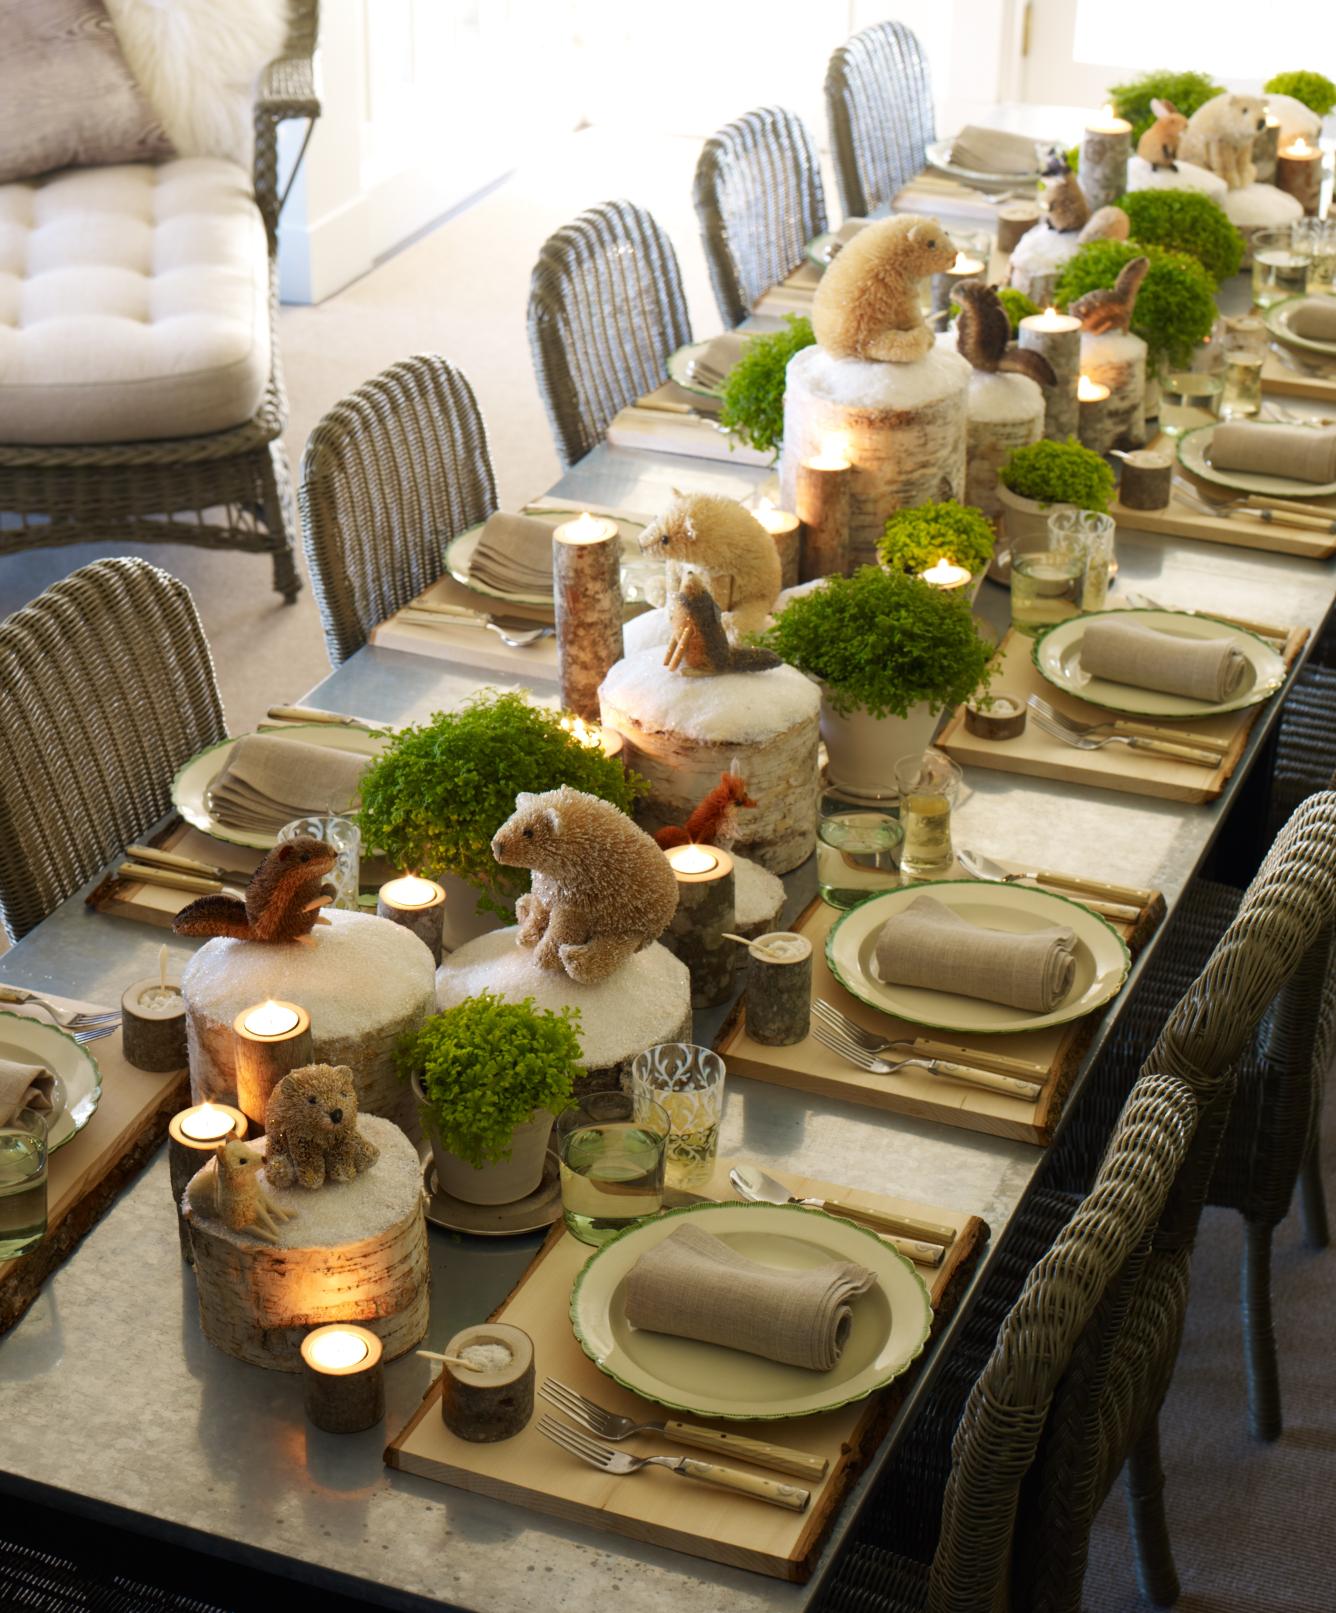 Quelques id es pour d corer sa table de no l design feria - Decoration de noel originale ...